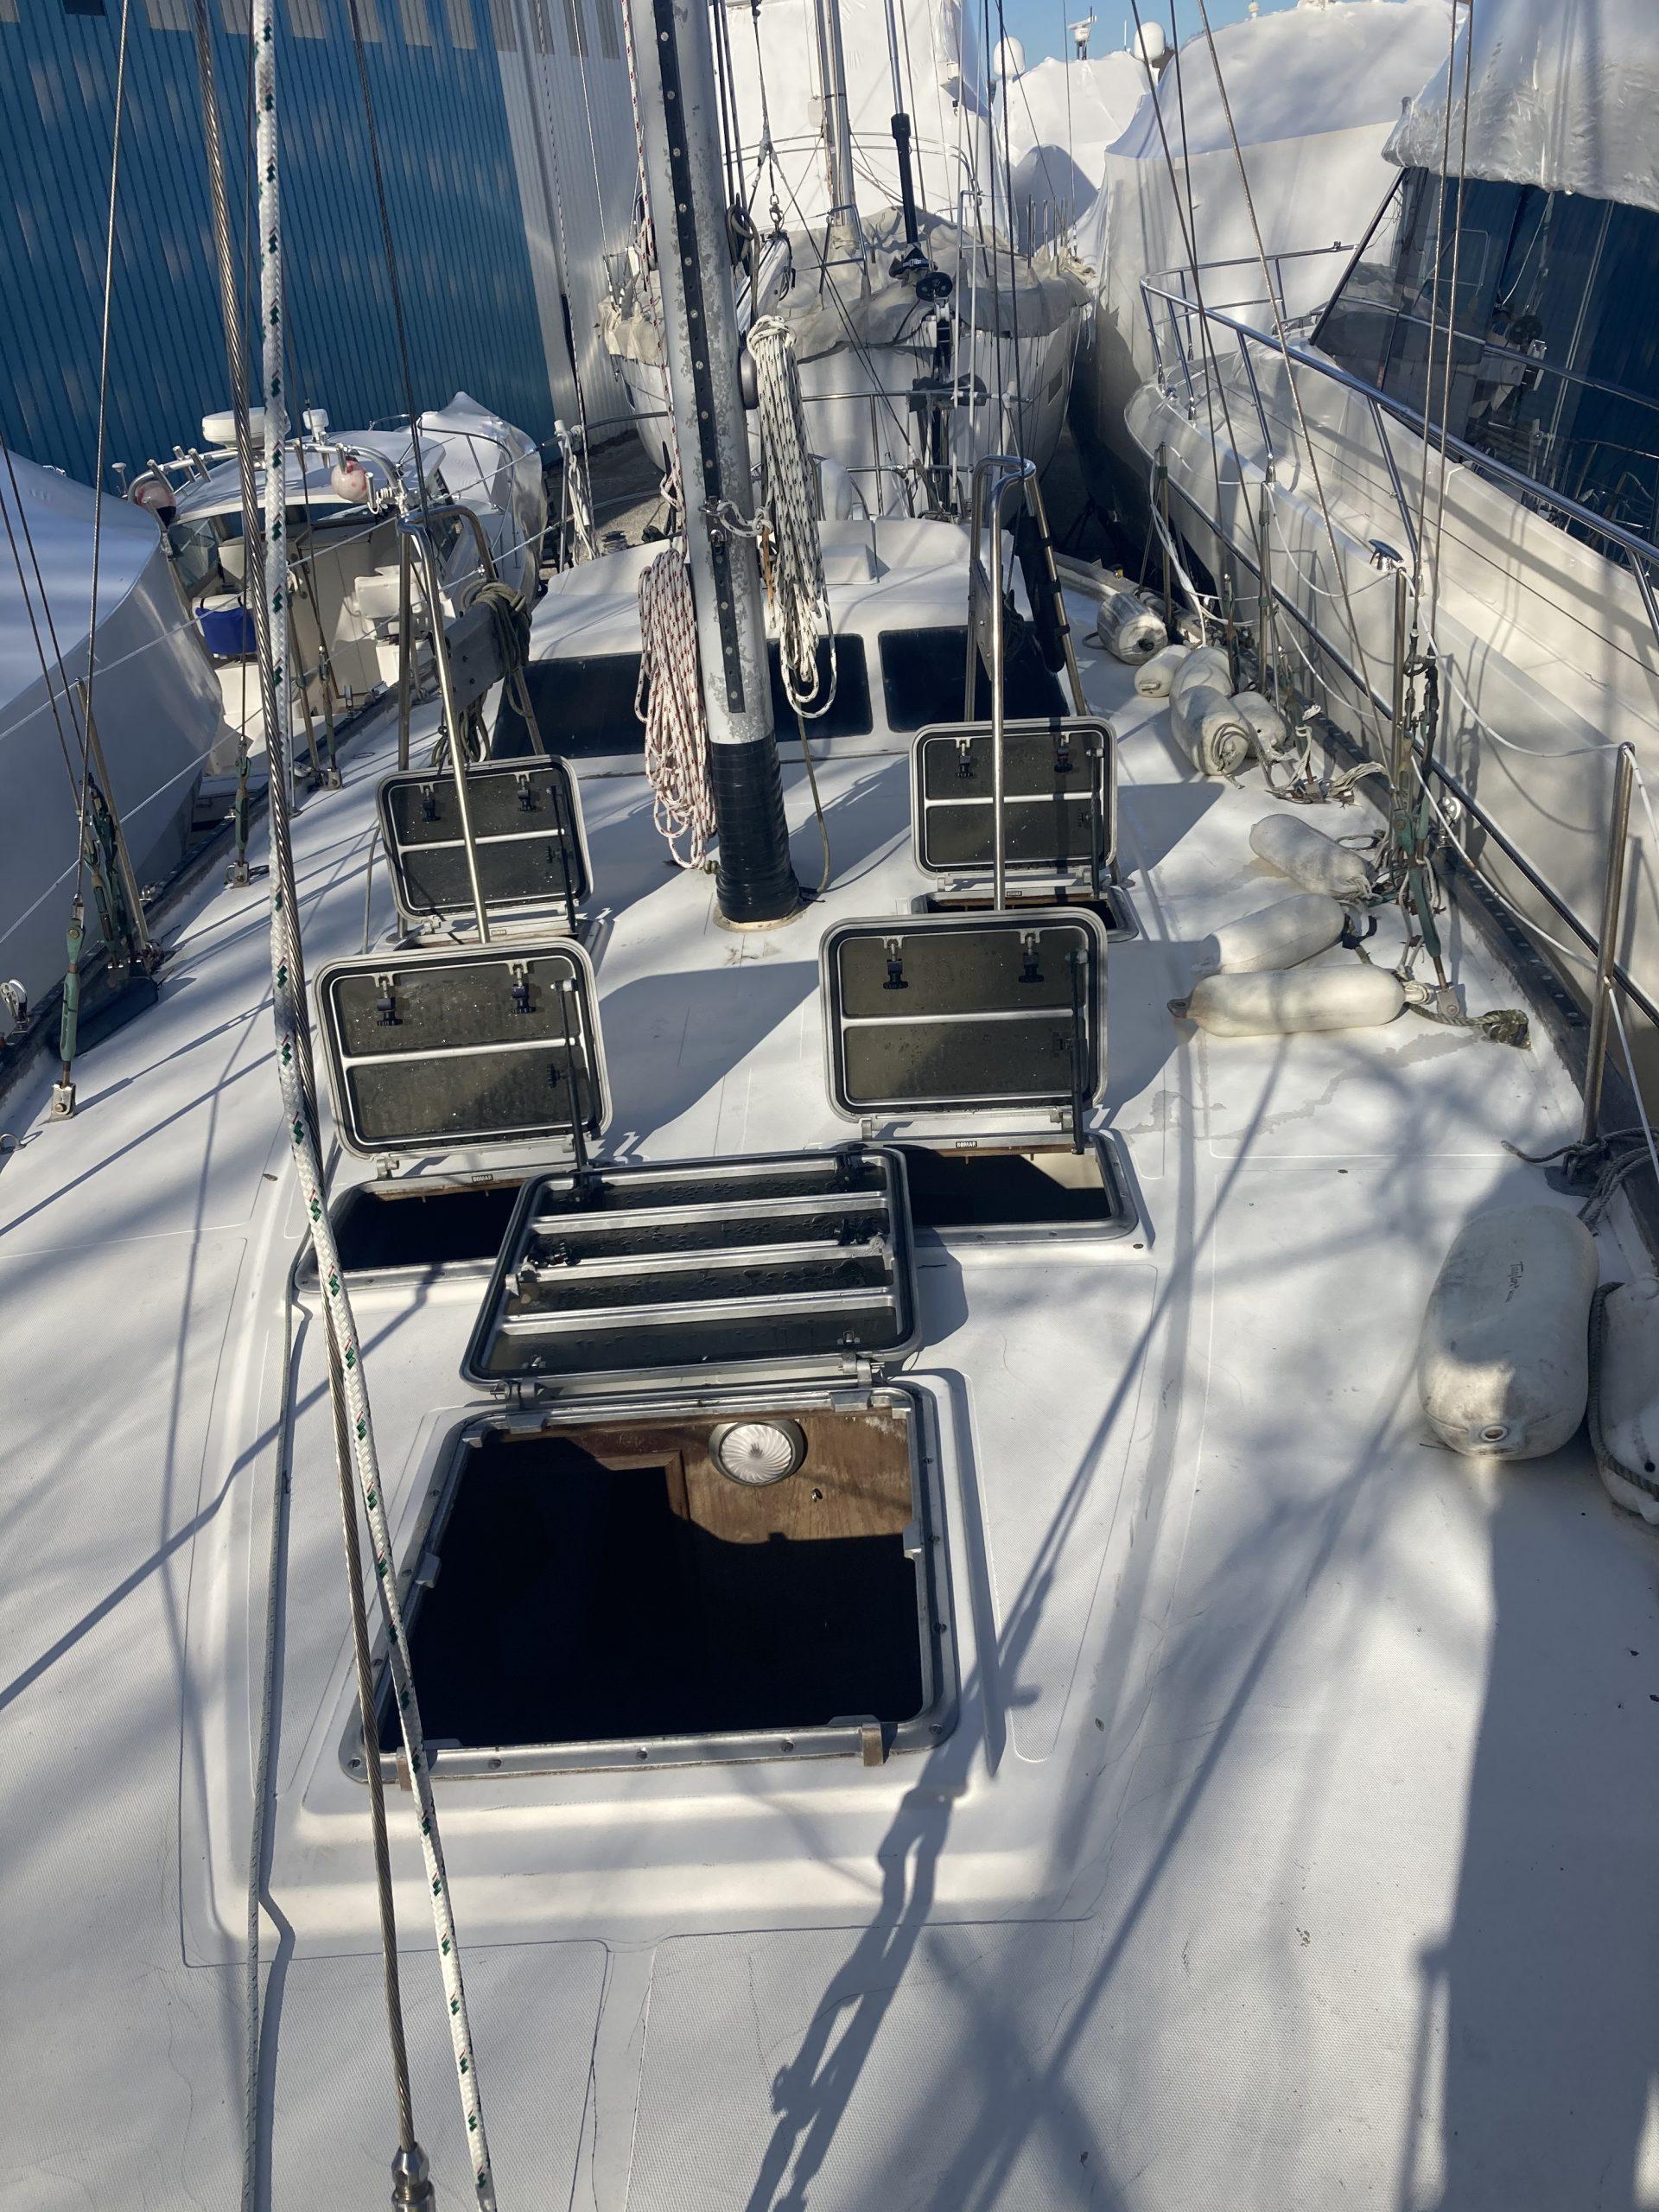 057 - Fire Lake - FS deck